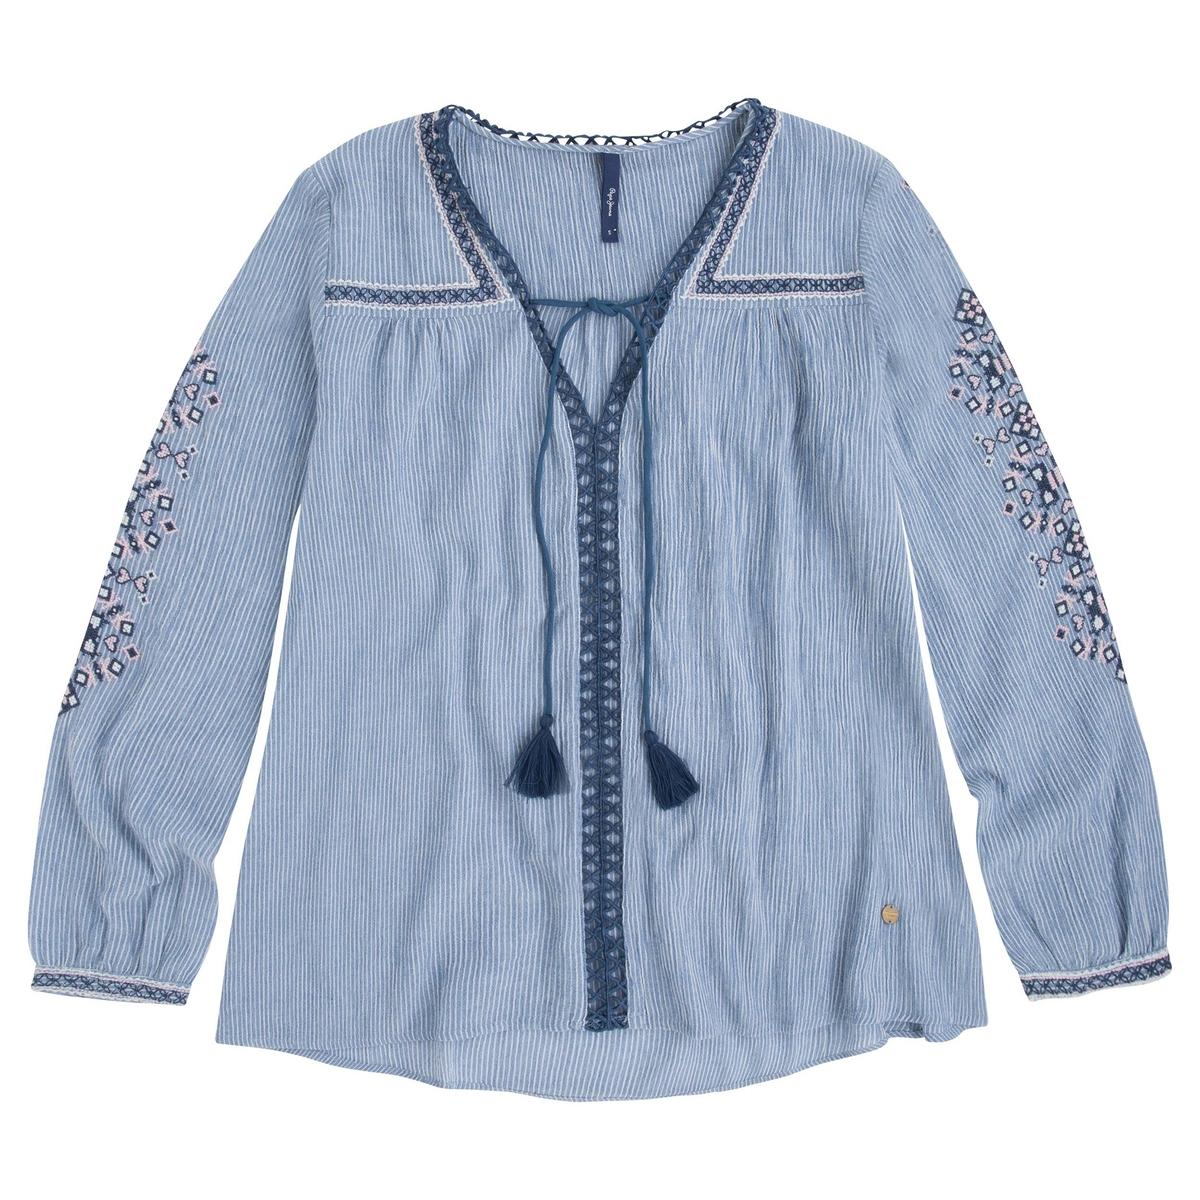 Блузка с вышивкой с длинными рукавамиМатериал : 100% хлопок  Длина рукава : Длинные рукава Форма воротника : V-образный вырез Длина : Стандартная  Рисунок : в полоску. Особенности : С вышивкой<br><br>Цвет: в полоску синий/белый